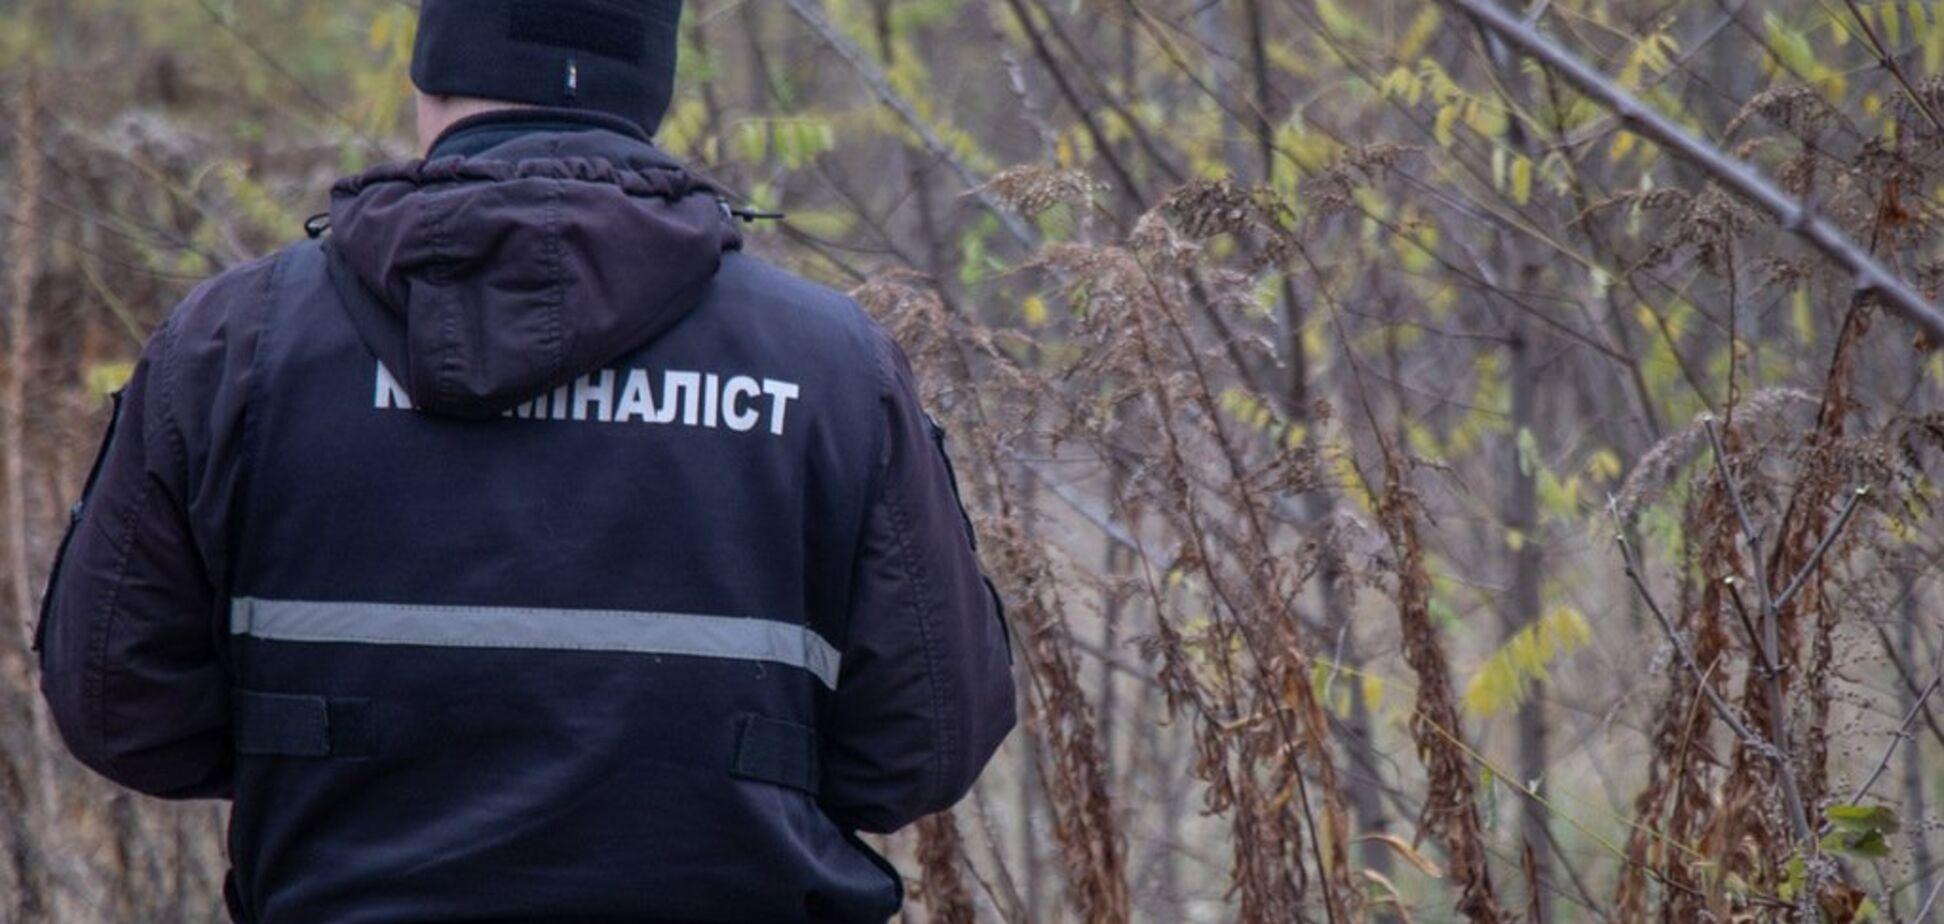 Нашли с полоской на шее: в Киеве загадочно погиб мужчина. Фото 18+